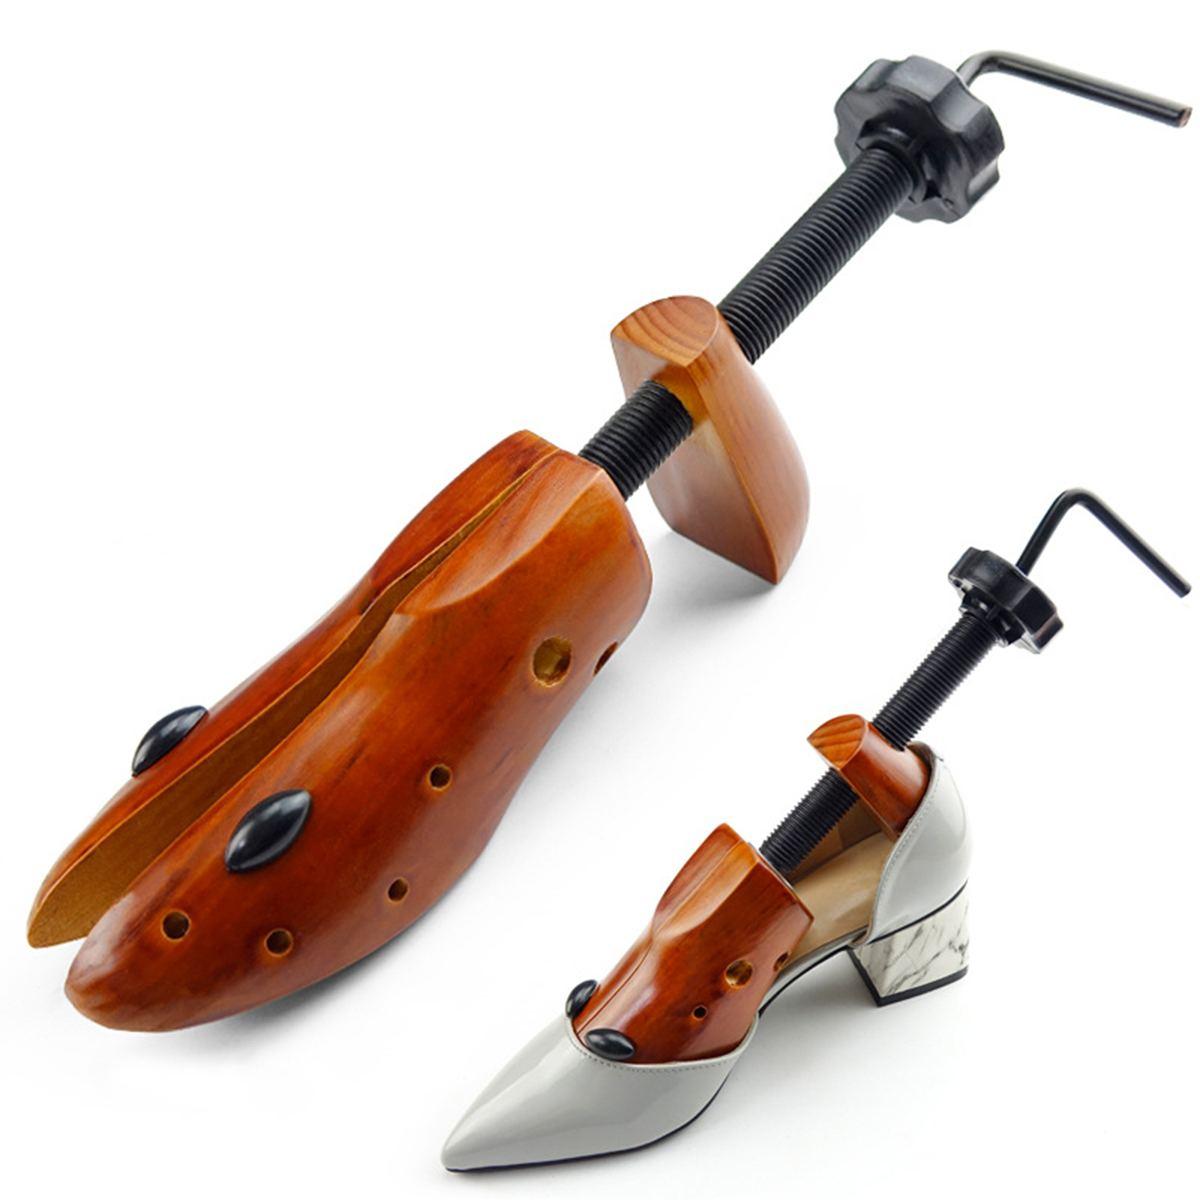 1 pçs 2-way árvore de sapato de madeira para homem e mulher sapatos expansor djustable sapato maca shaper rack sawol